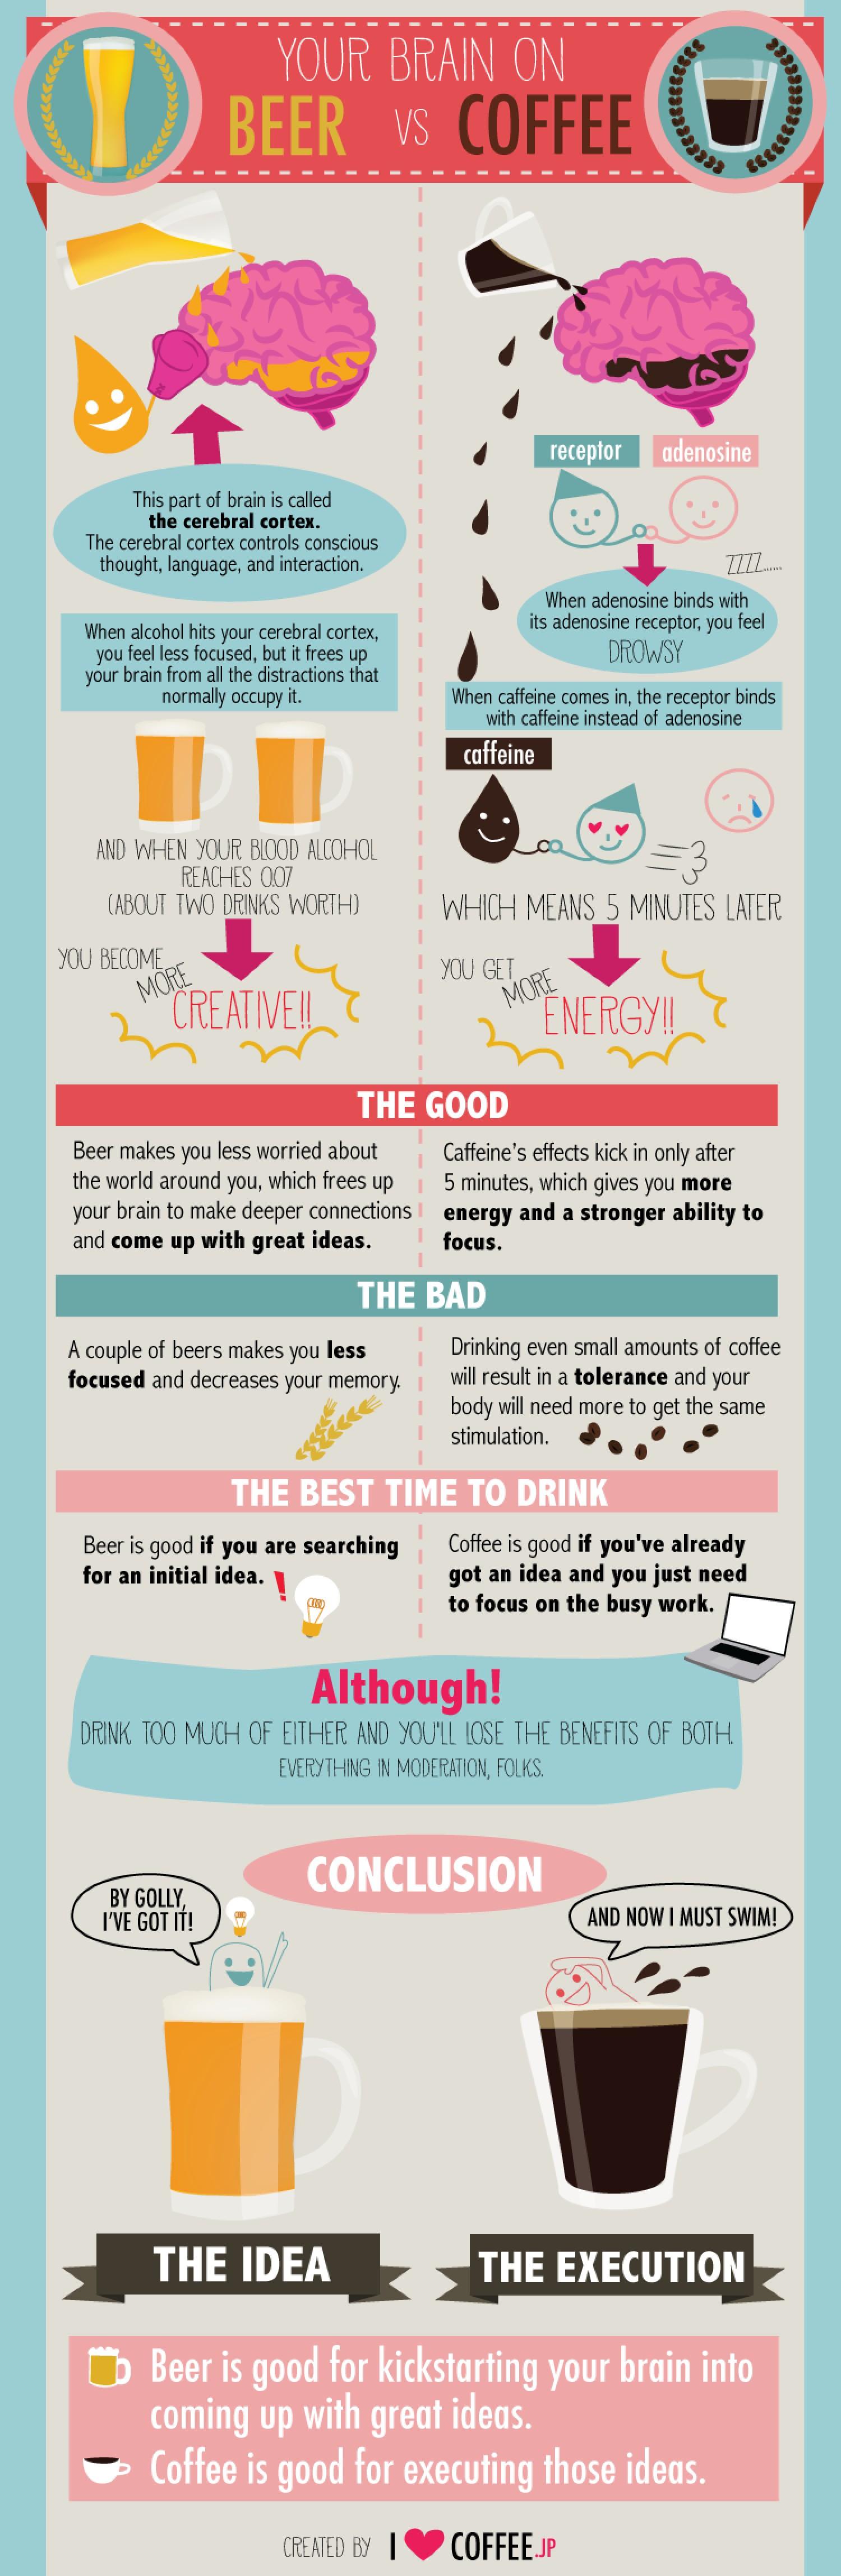 infografía-cerebro-café-cerveza-queith-katherine-montero